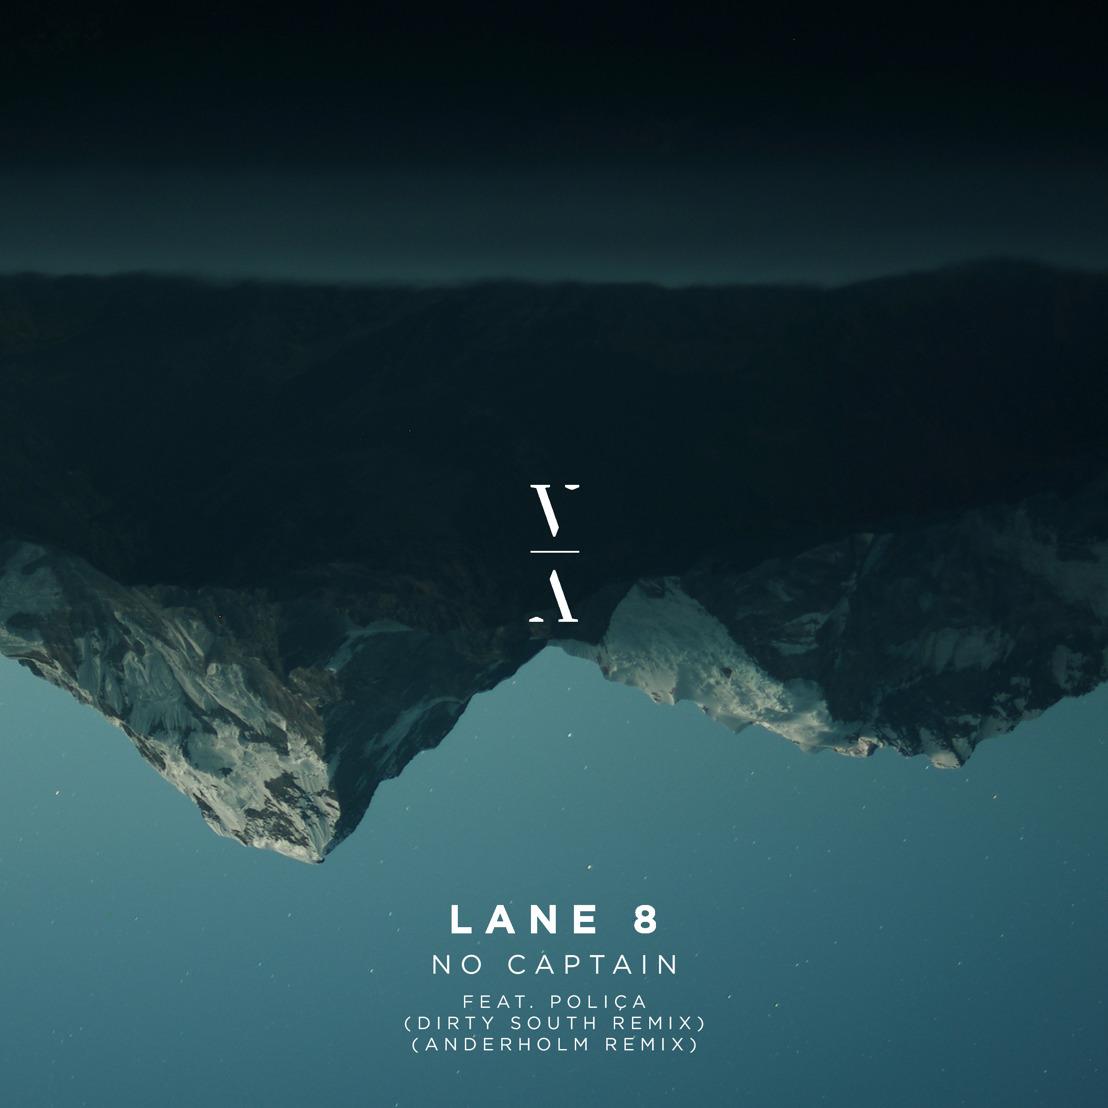 """Lane 8 Releases """"No Captain"""" (Dirty South Remix), Announces Little By Little Remixes"""